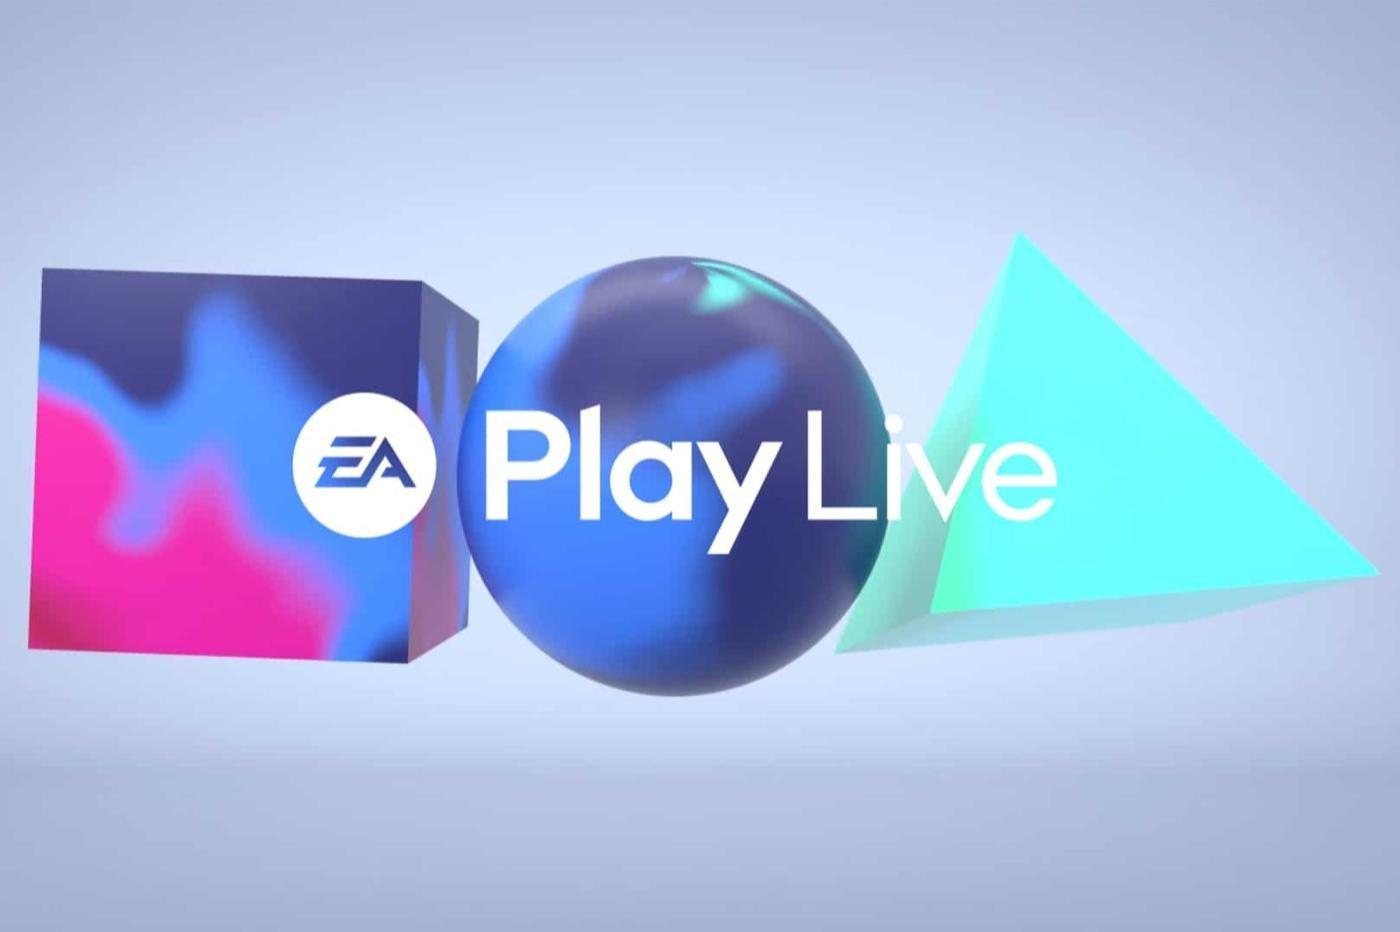 EA Play Live : Battlefield 2042, Dead Space, Apex… On fait le point sur les annonces